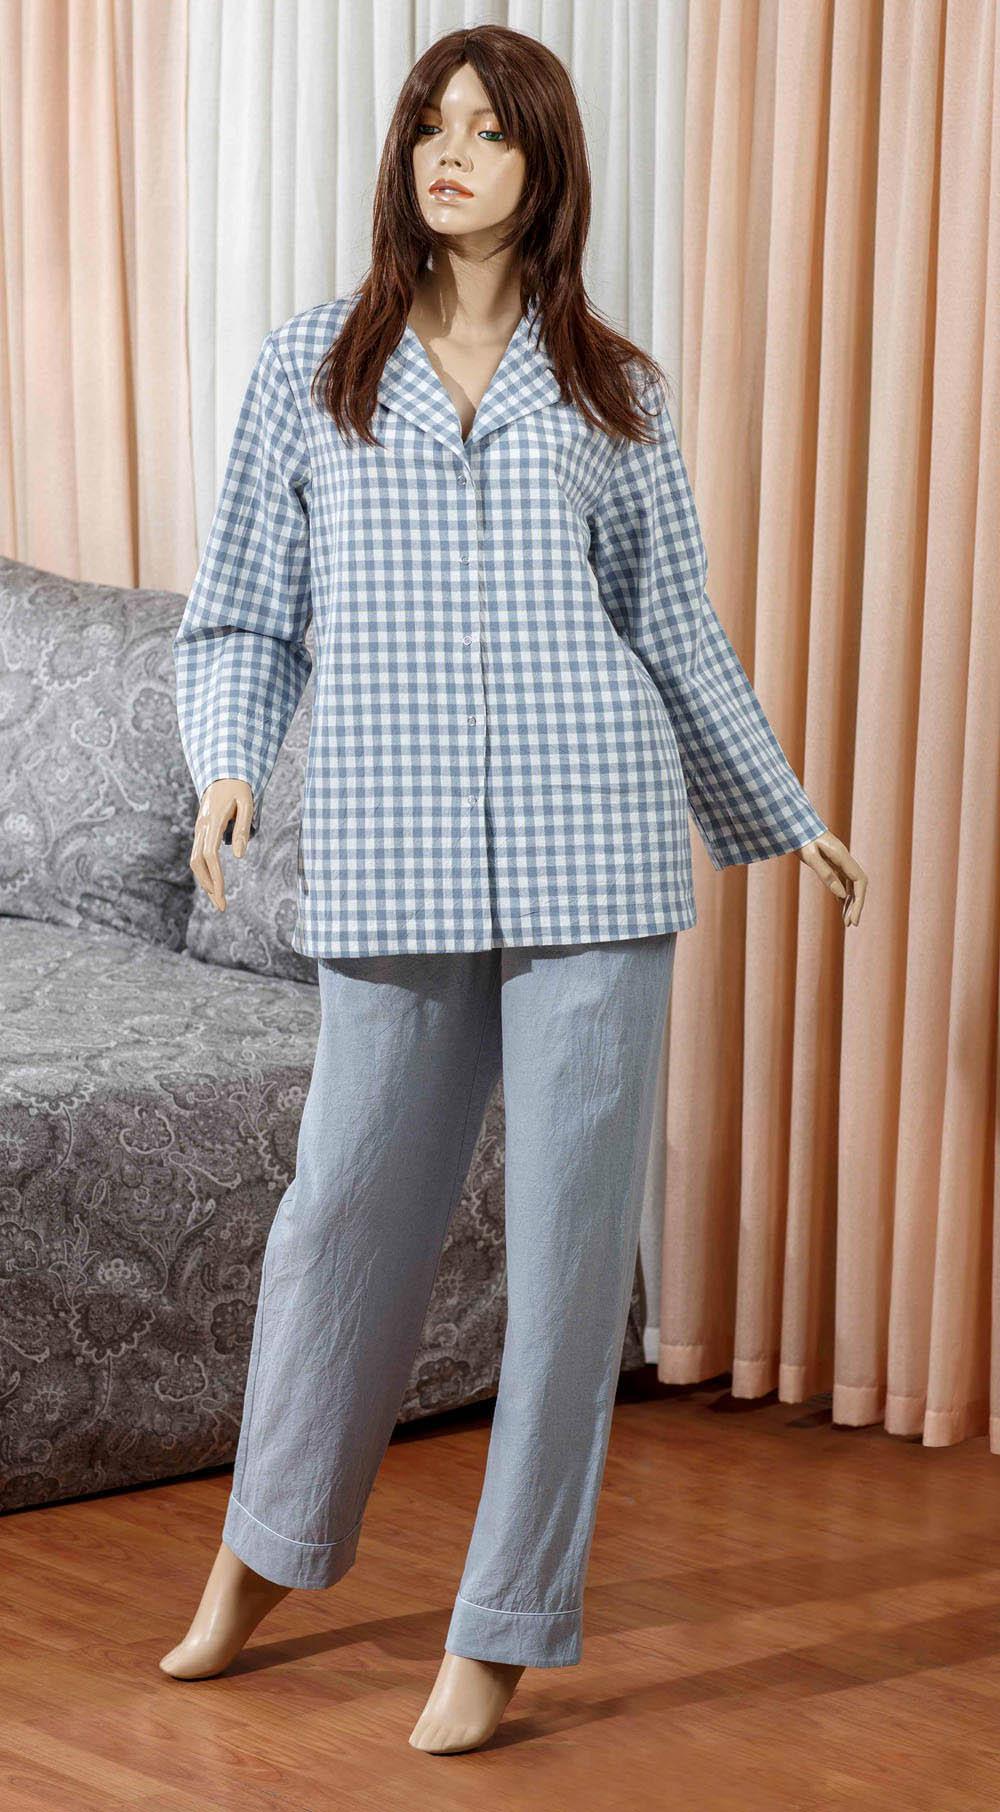 Ночные сорочки Primavelle Ночная сорочка Vera Цвет: Голубой (S-M) ночные сорочки linse ночная сорочка